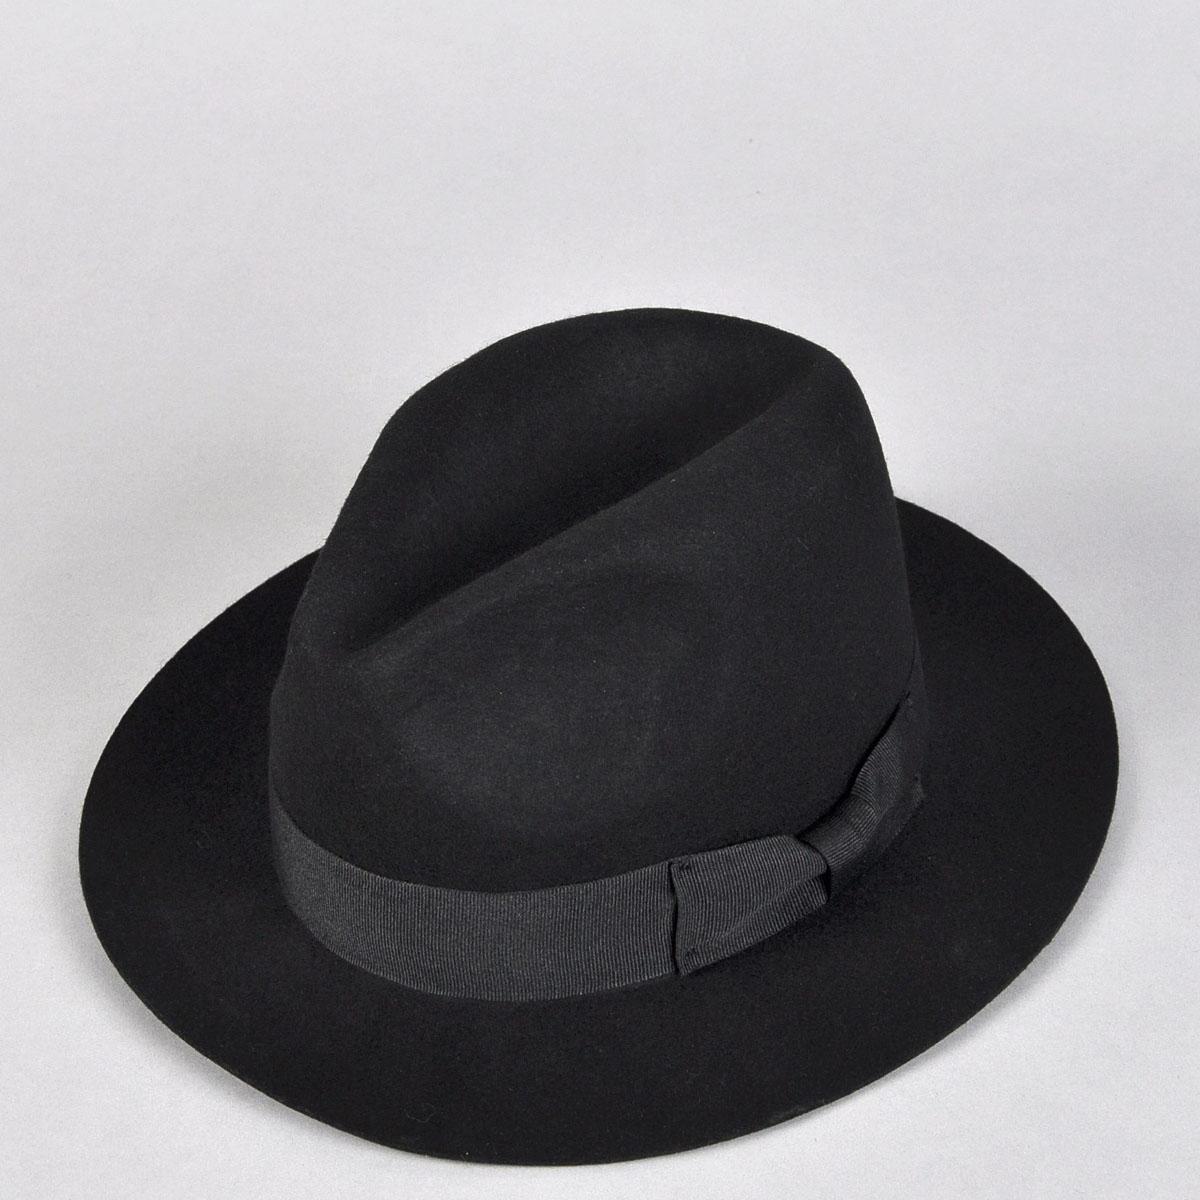 帽_正品韩版男士上海滩许文强羊毛平檐礼帽爵士帽光身时尚潮男帽子